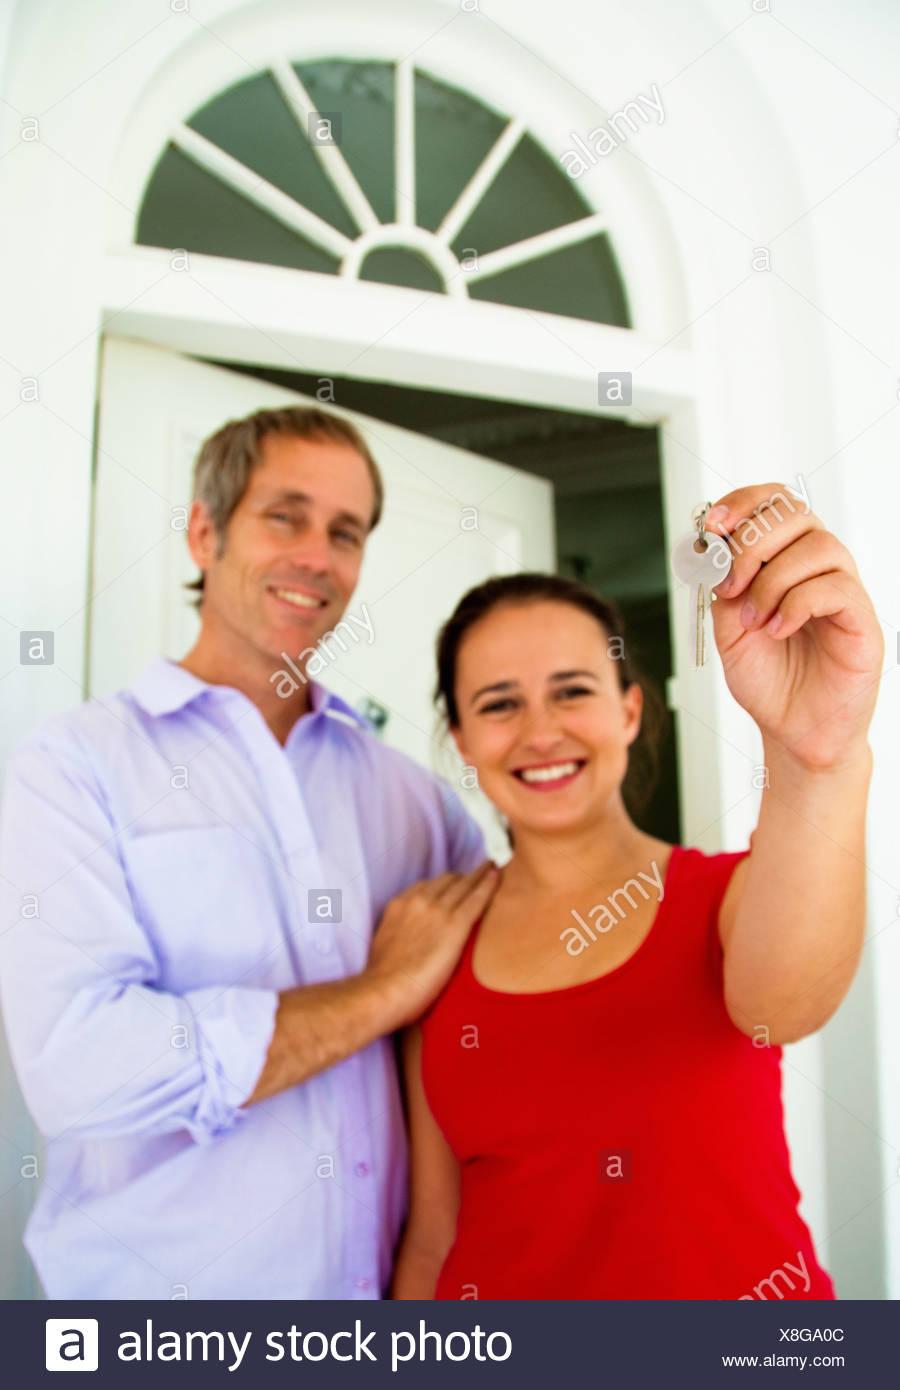 Couple hold up house key - Stock Image